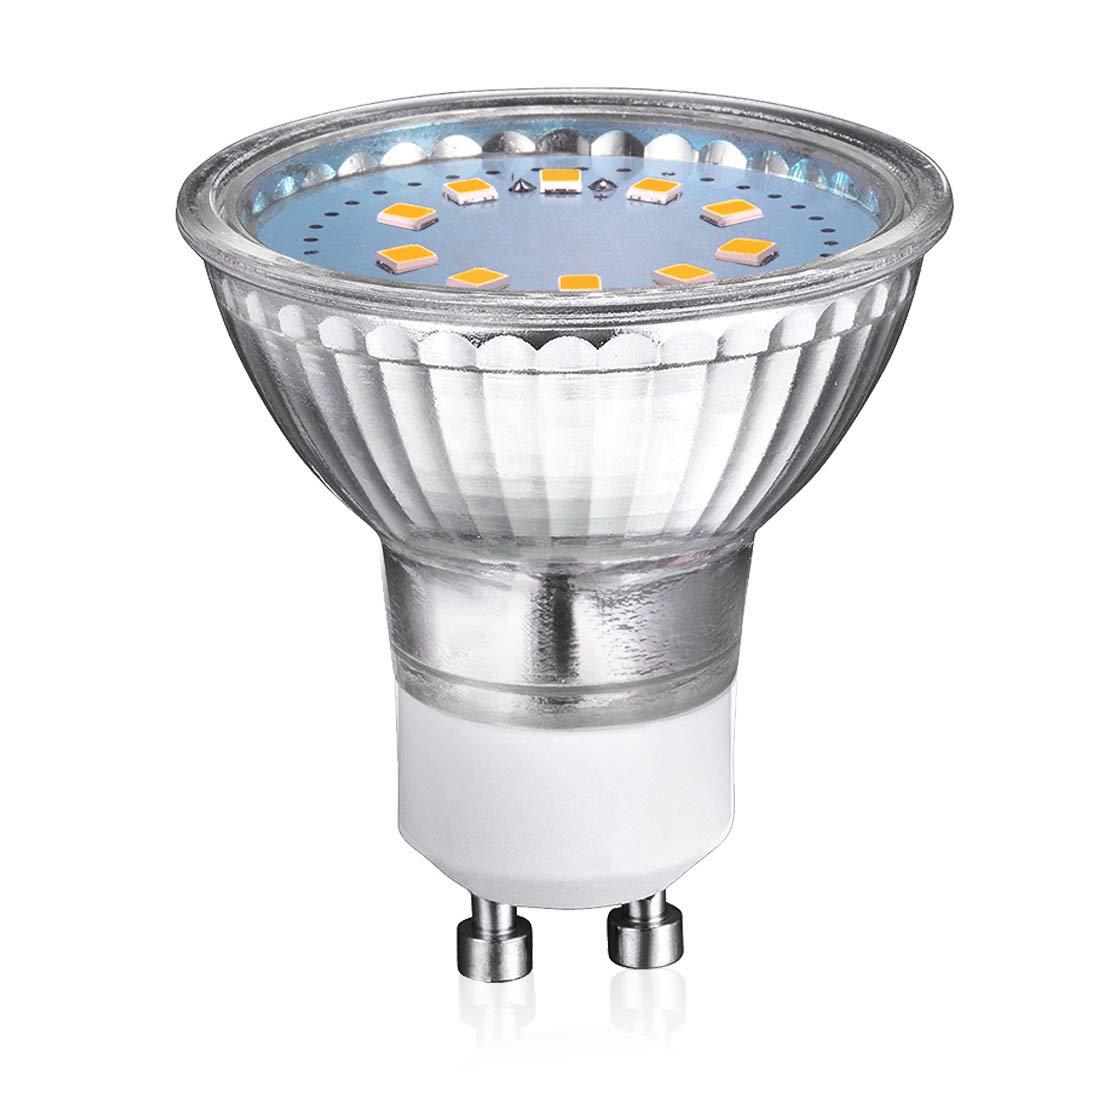 Bombillas LED GU10, 3.5 W Equivalente a 35 W, Blanco frío 6000K,120 ° ángulo de haz 320lm Pack de 6 Blanco frío 6000K 120 ° ángulo de haz 320lm Pack de 6 yohooo